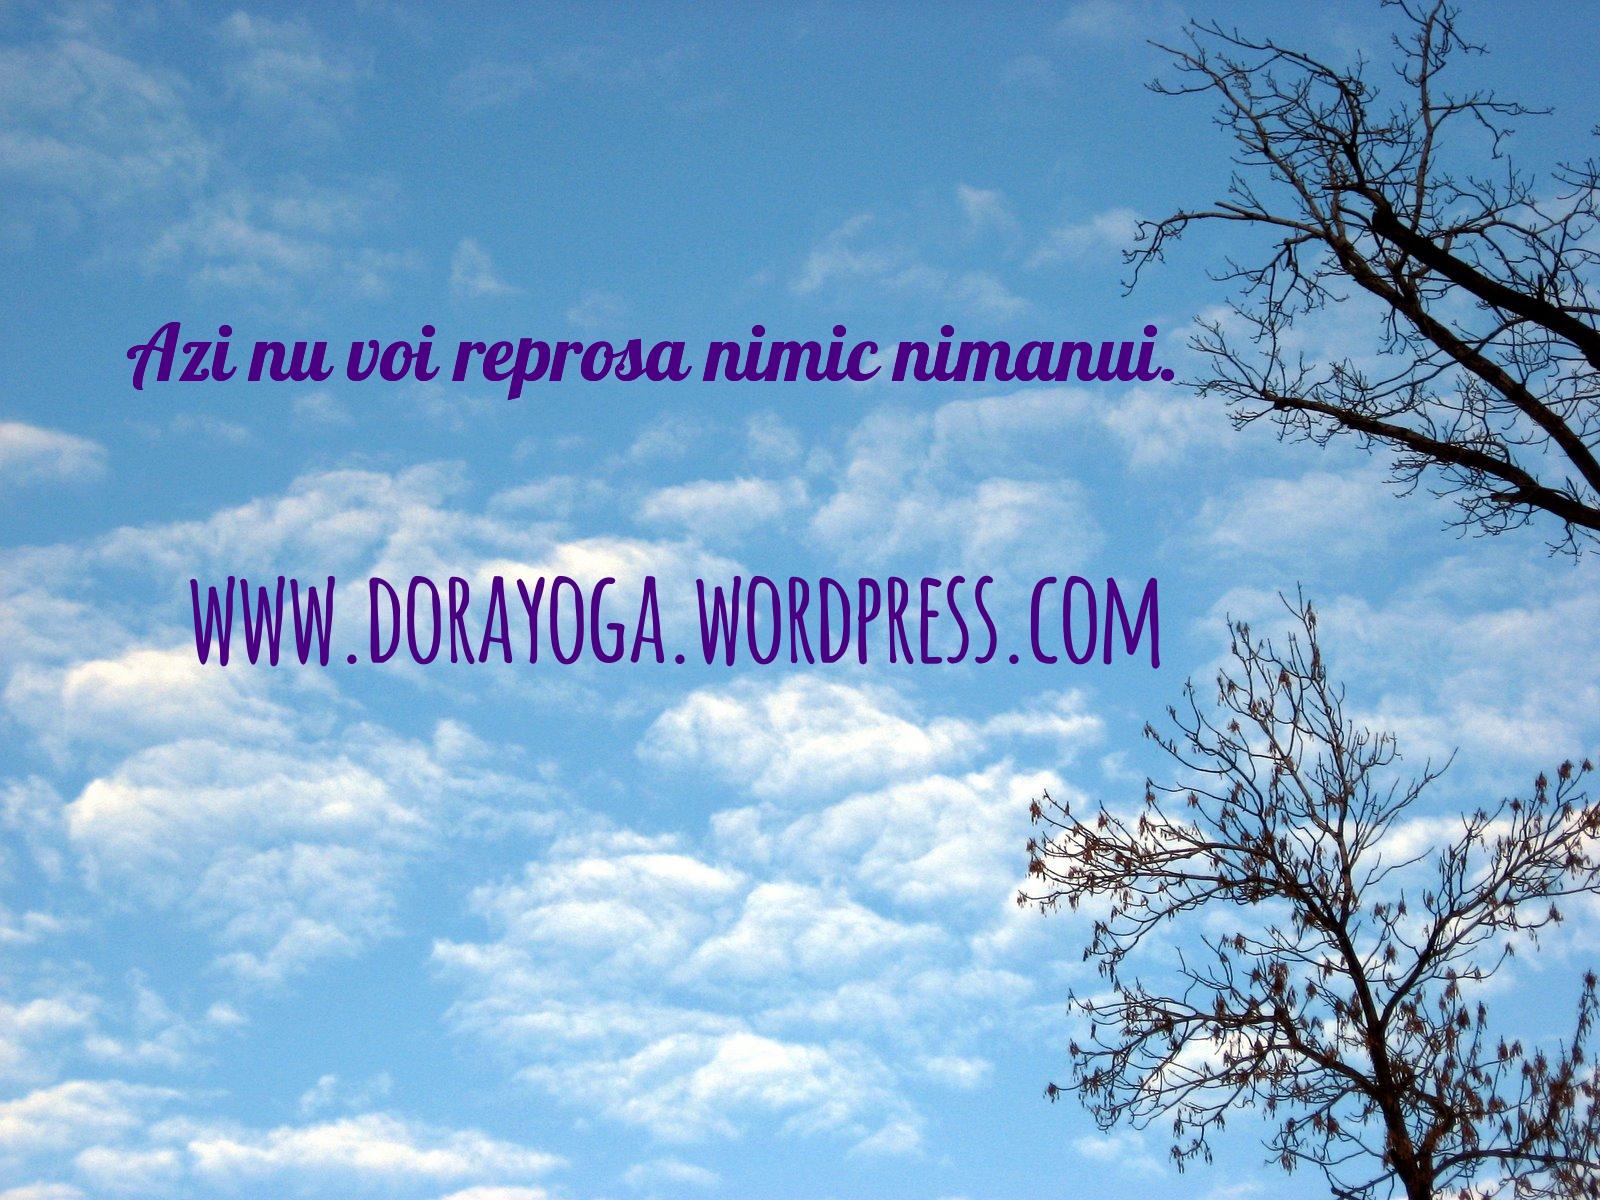 noreproach_dora